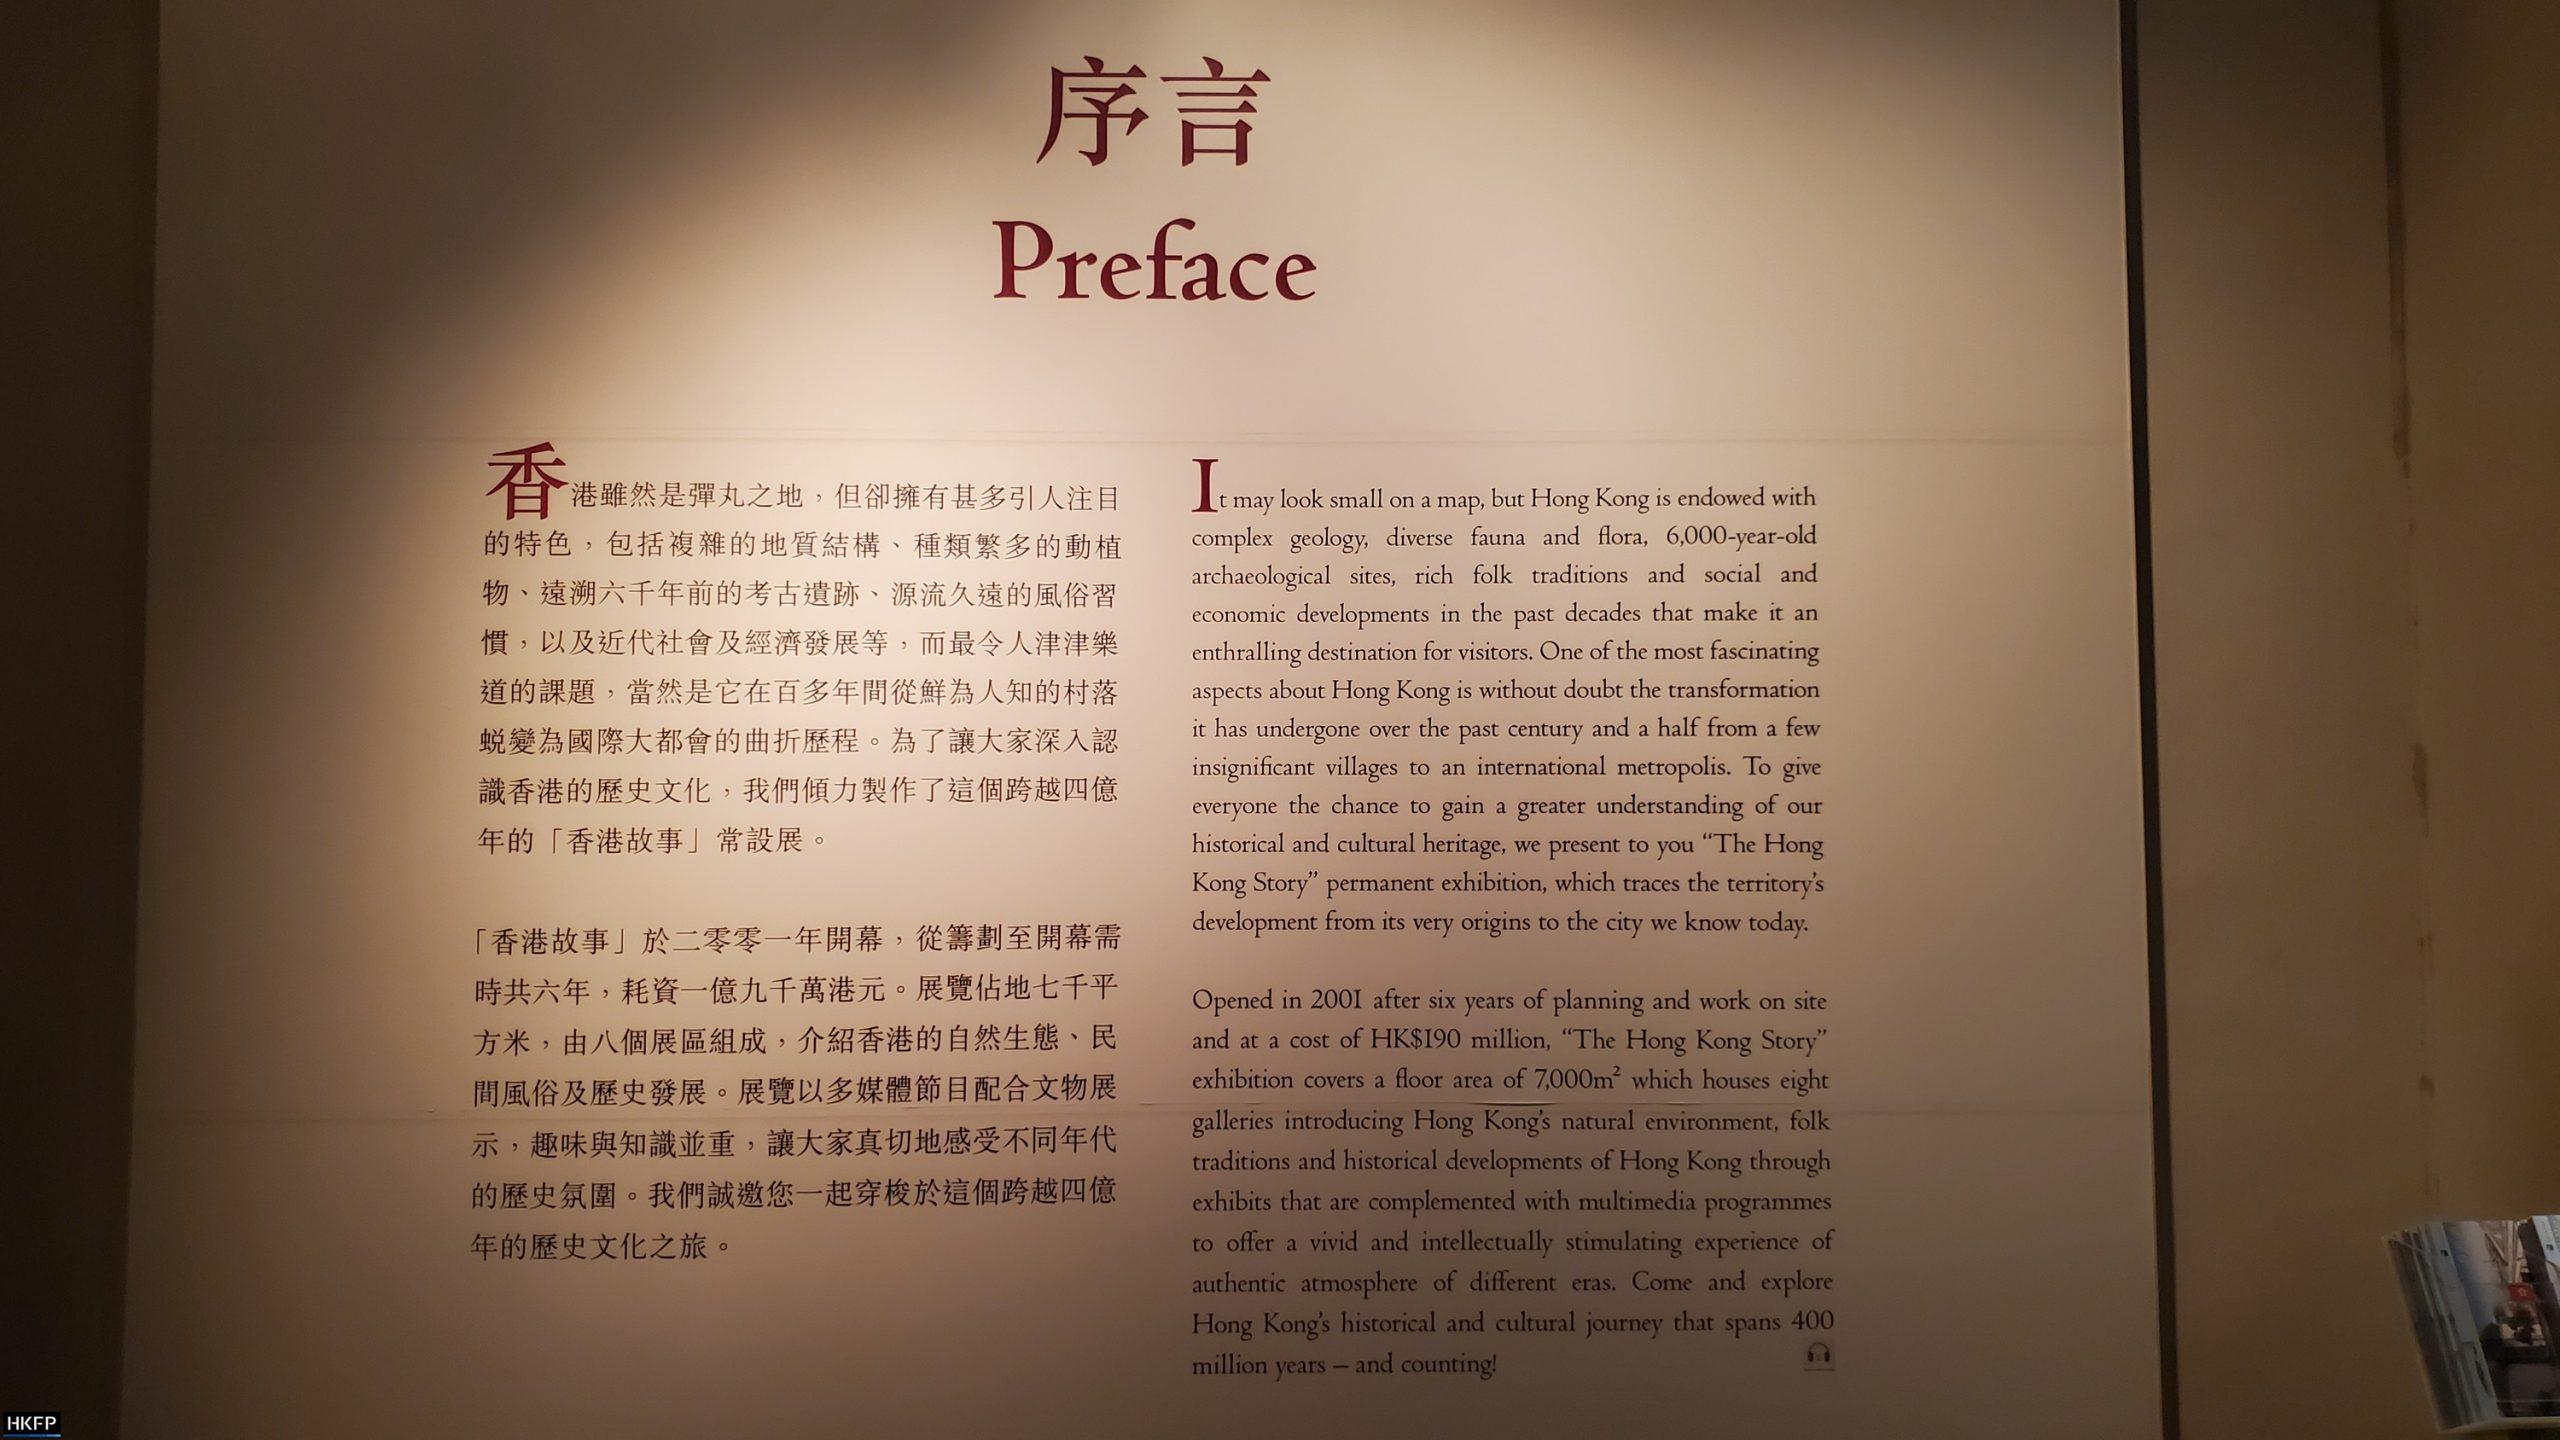 hong kong story history museum (1)